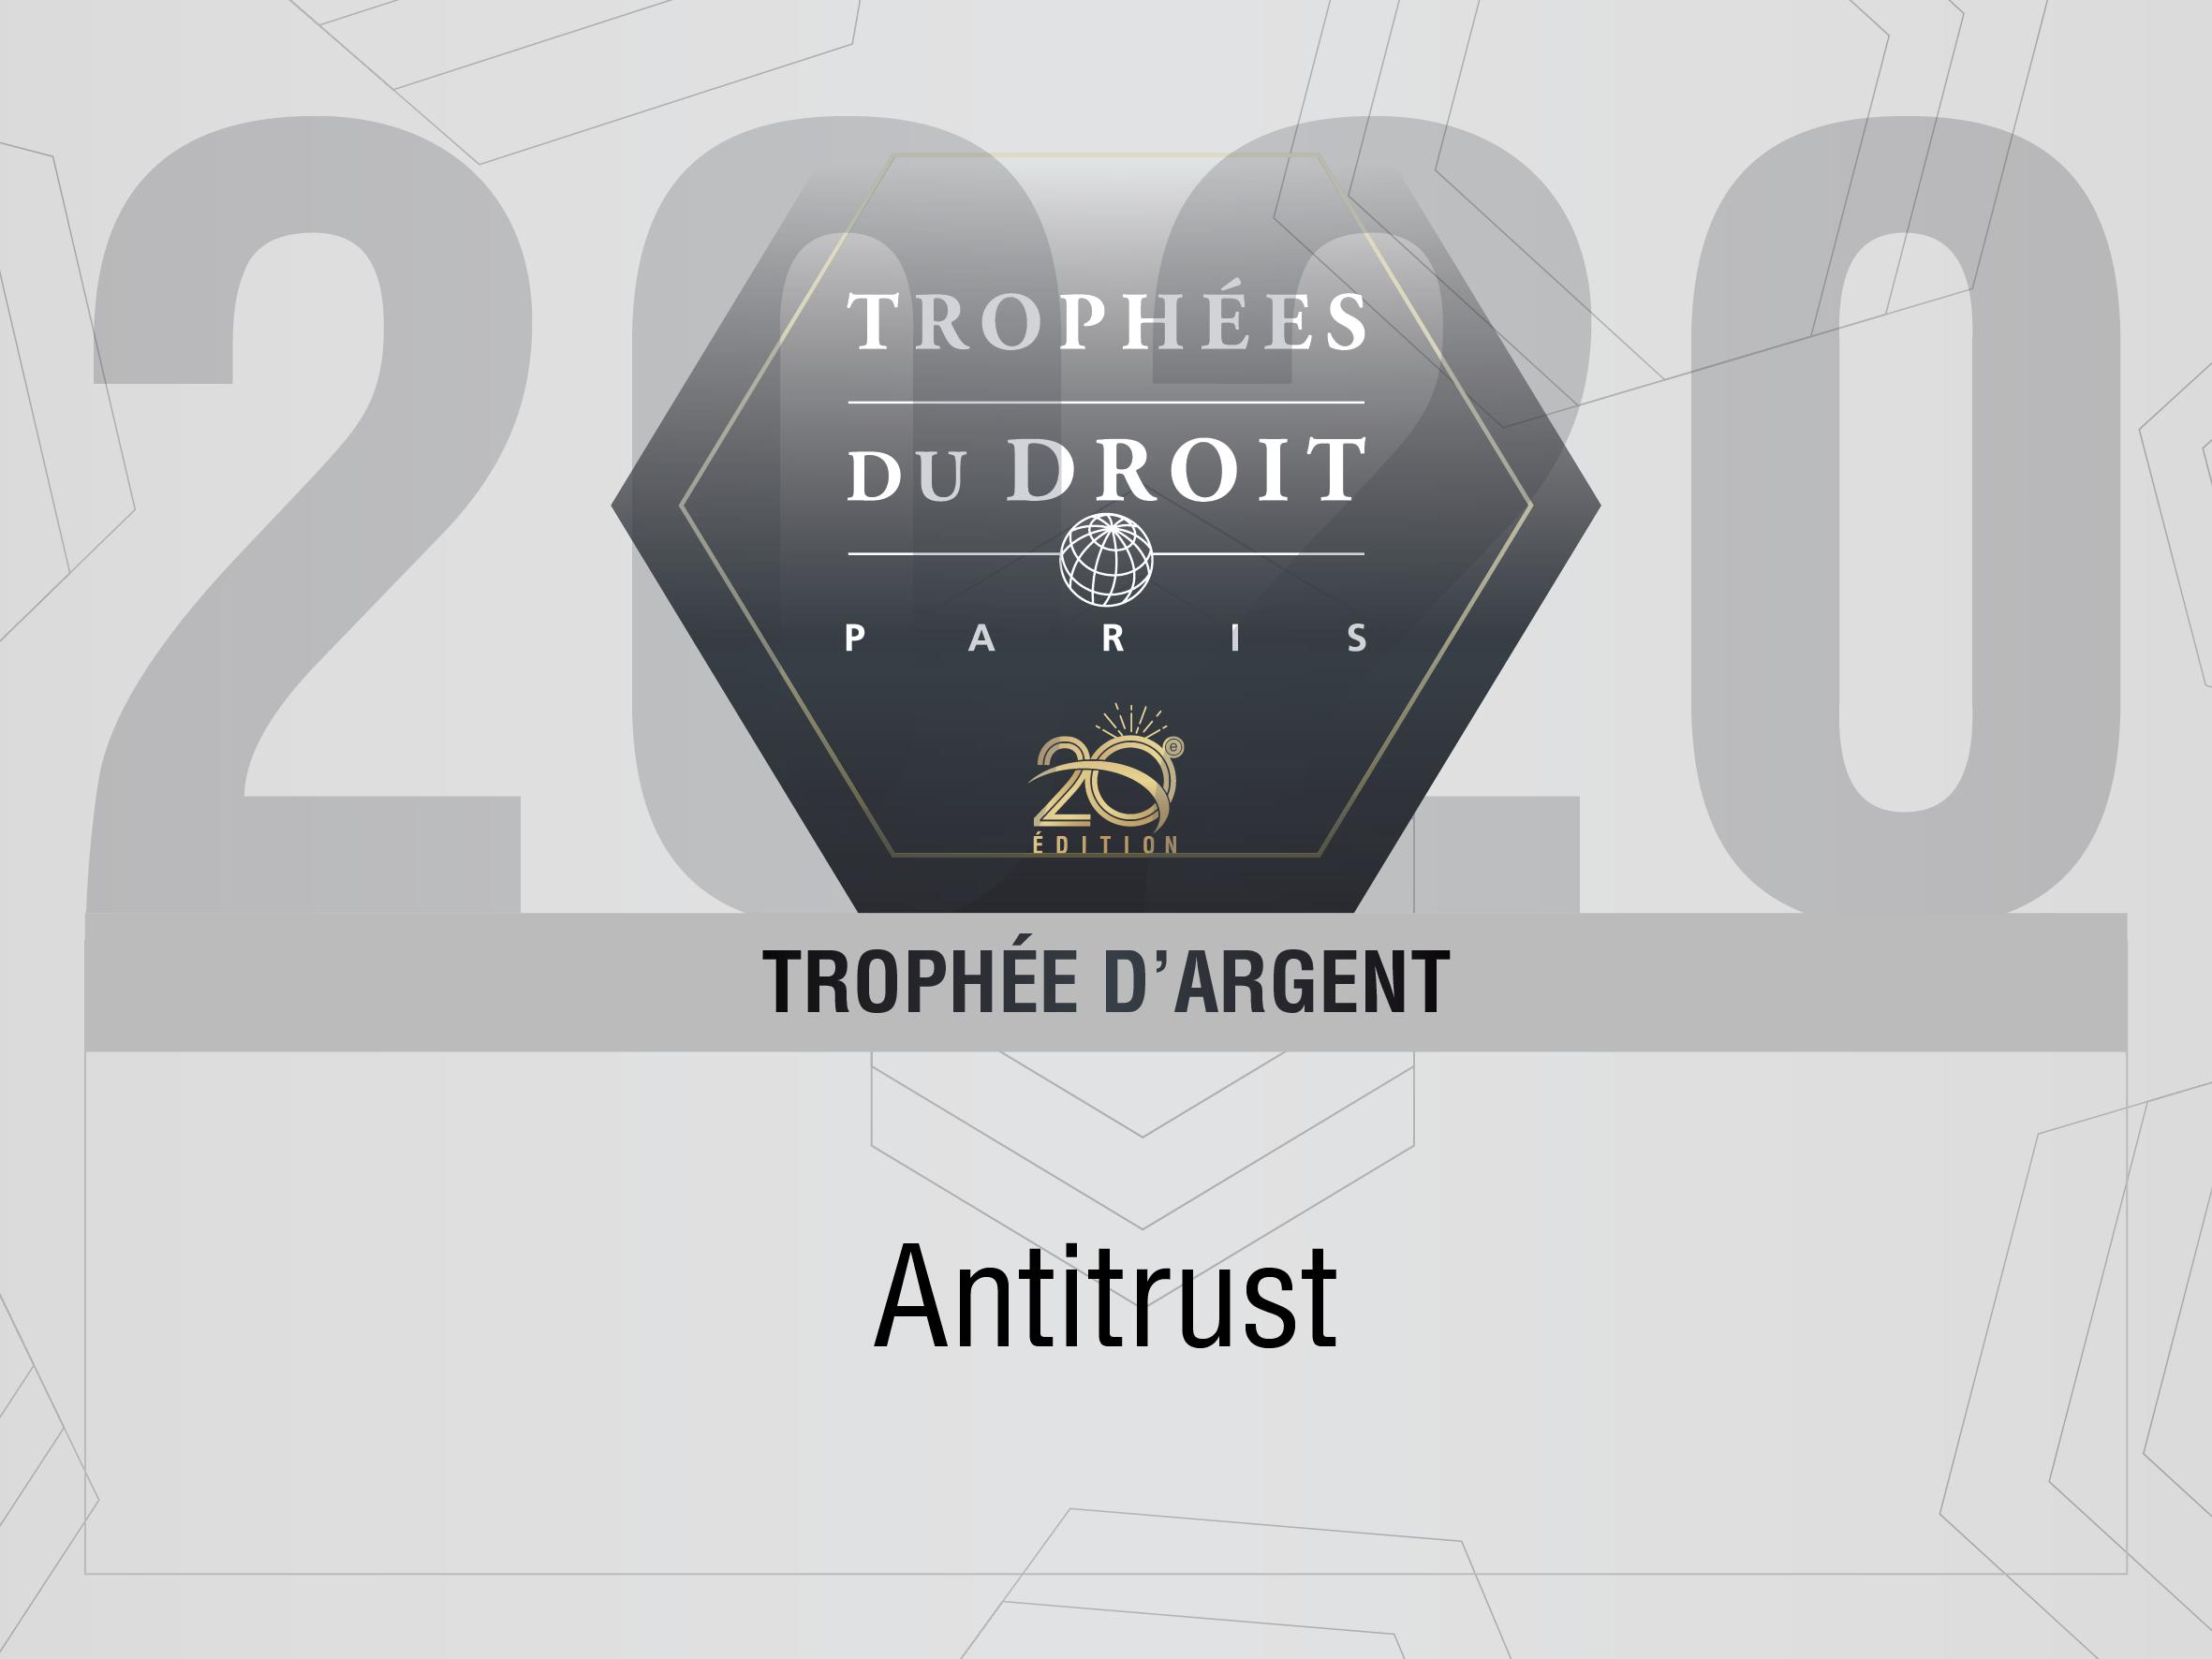 http://www.de-pardieu.com/wp-content/uploads/2020/02/Trophee-2020-ANTITRUST-ARGENT.png